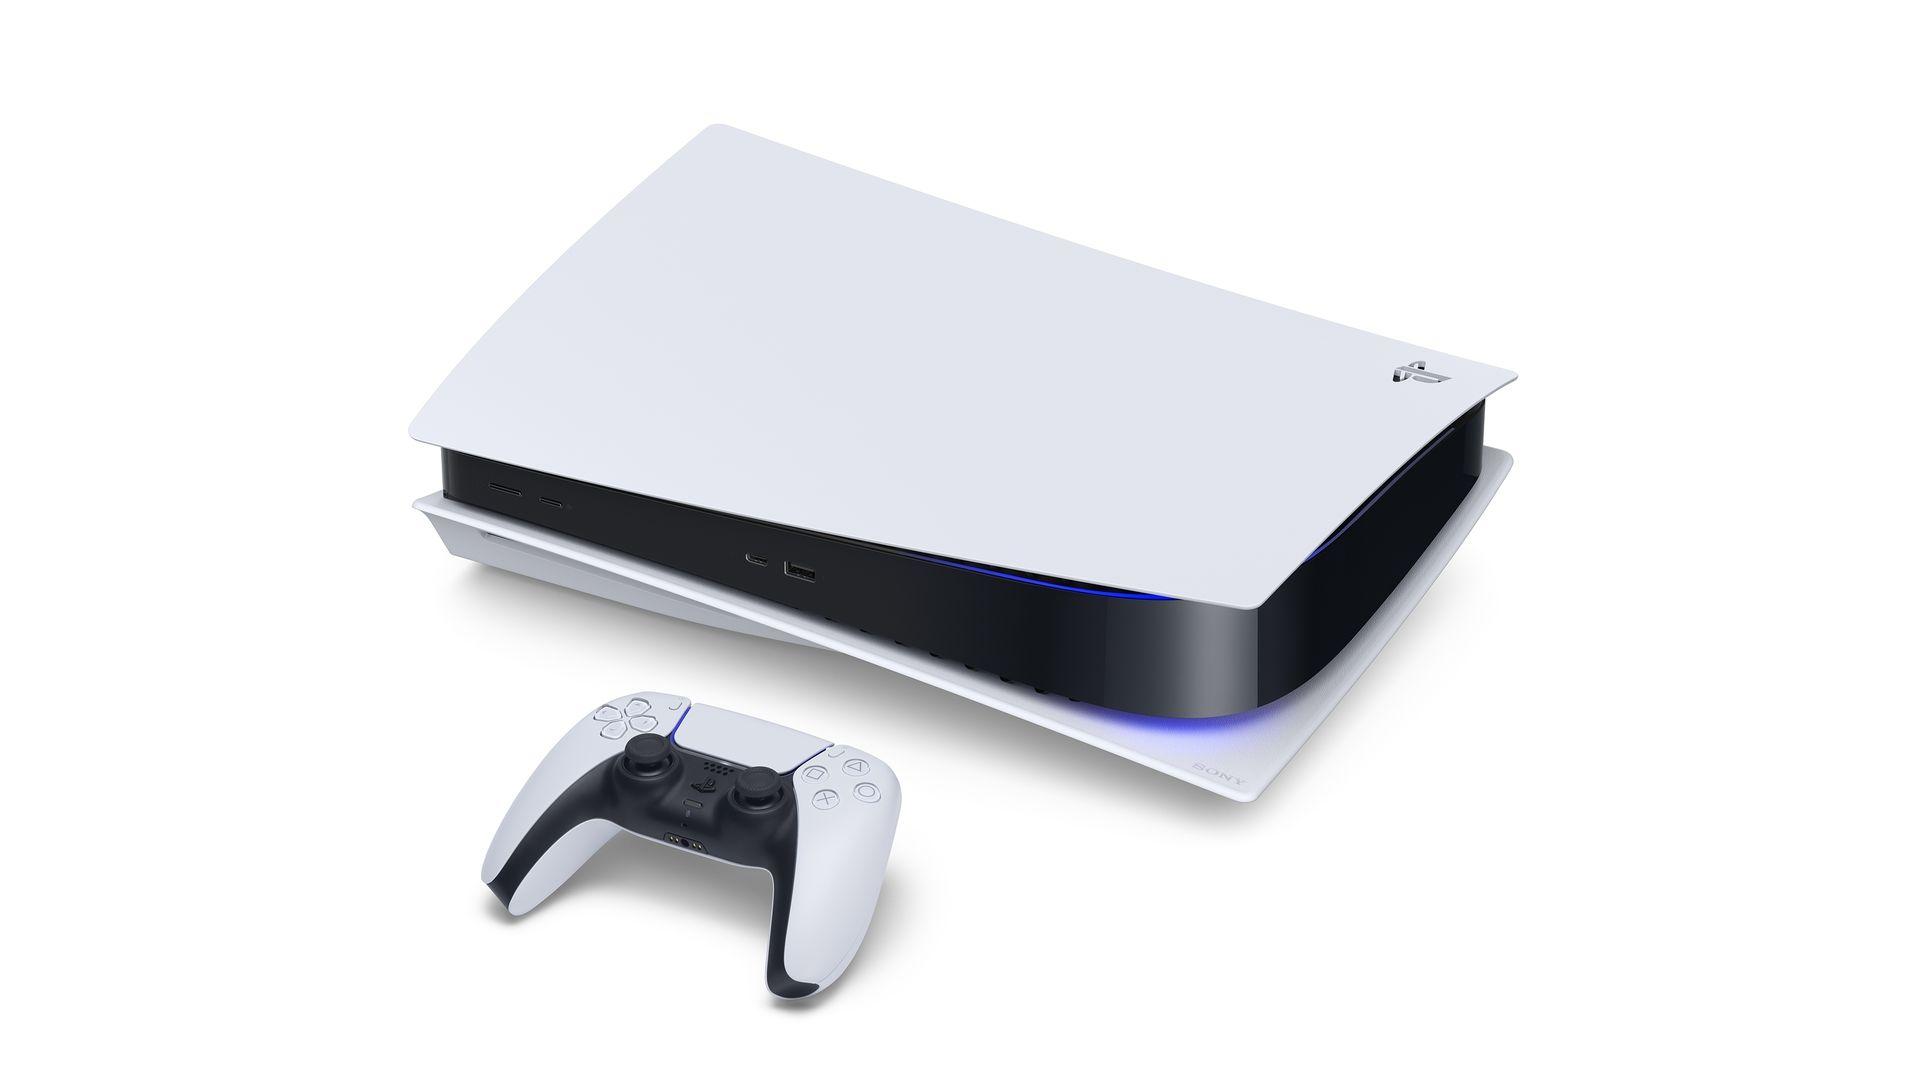 Sony triunfa con PlayStation 5 y vende más de 7,8 millones de unidades